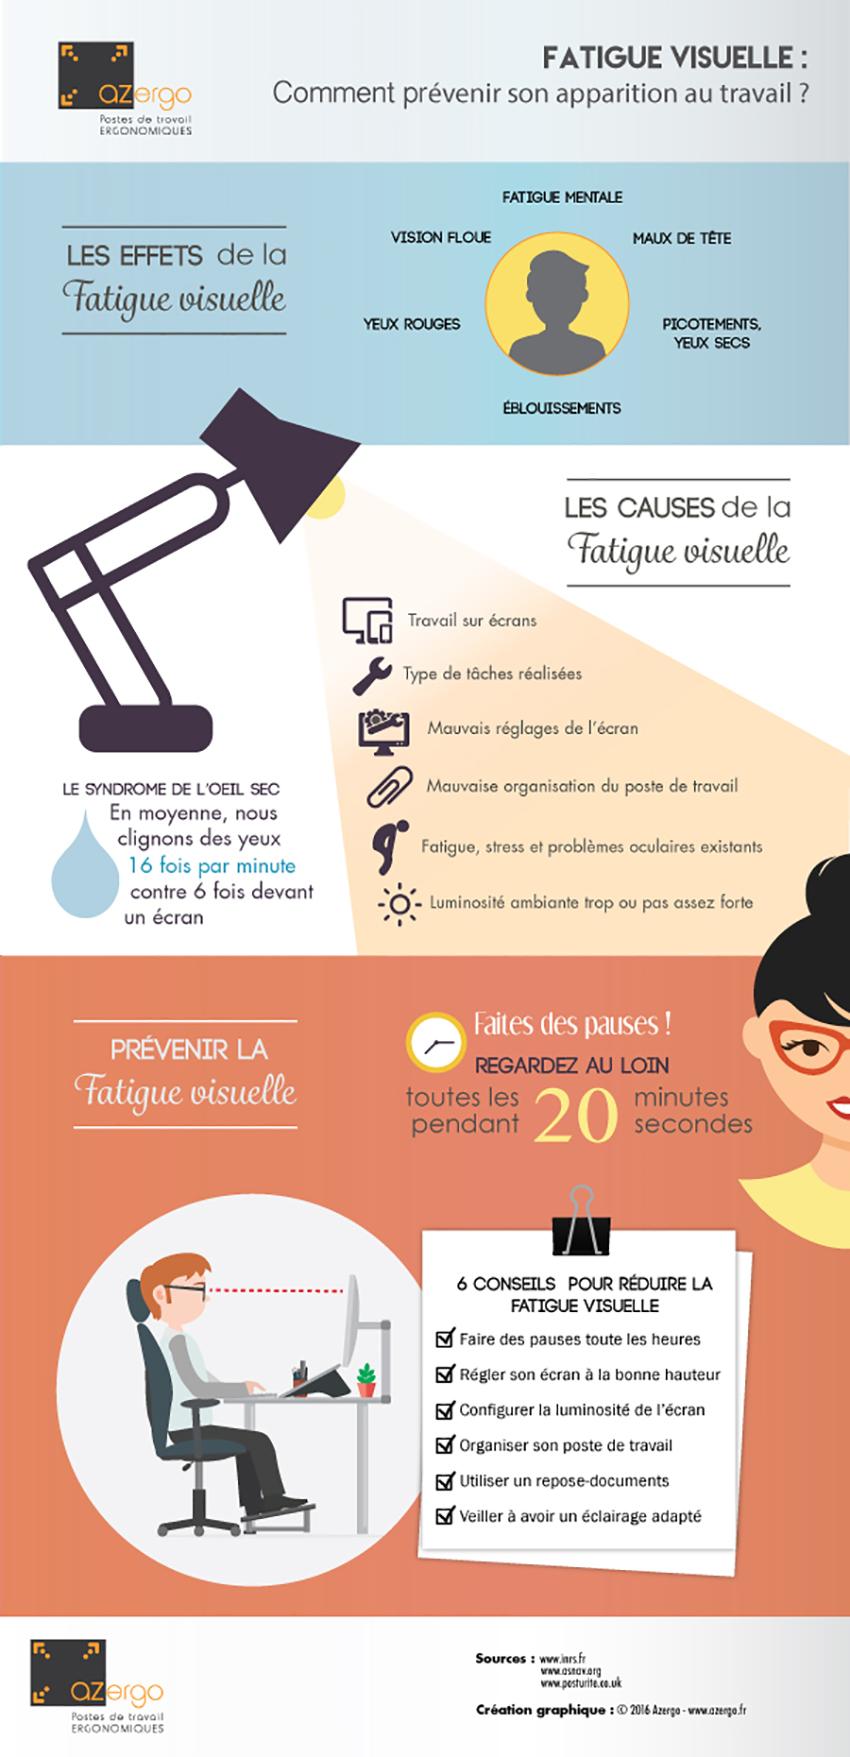 infographie-fatigue-visuelle-2-bis